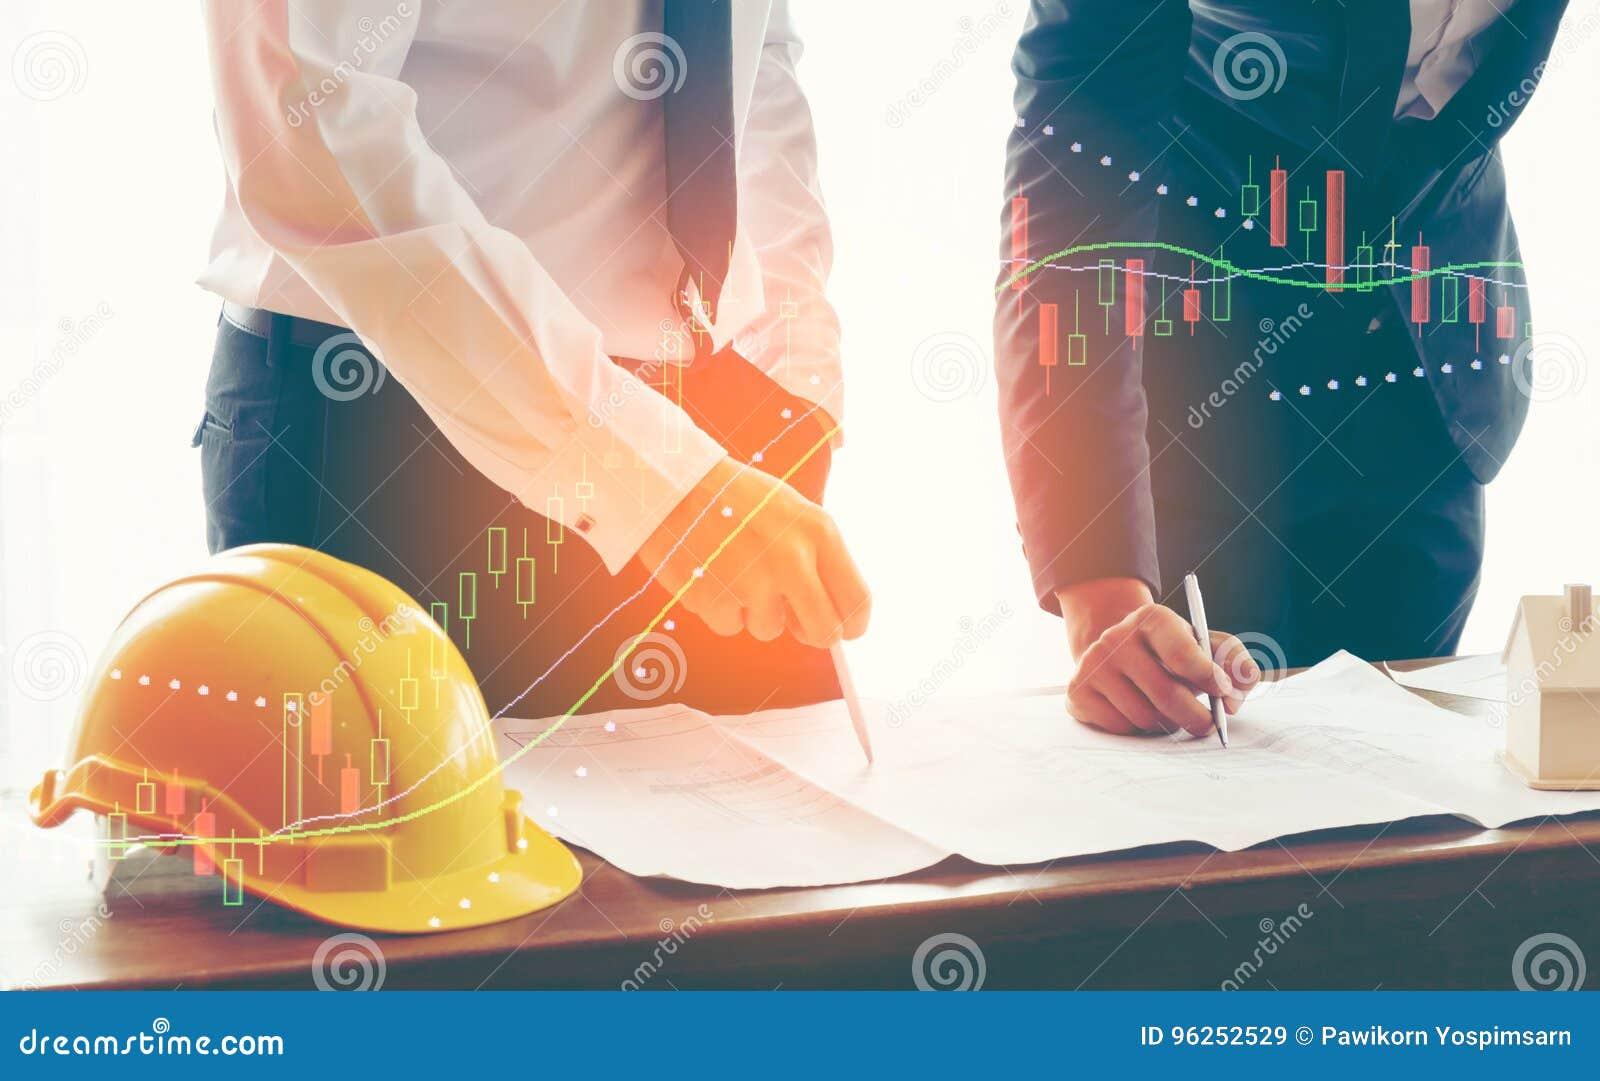 Изображение 2 бизнесмен или инженер обсуждает бумагу отчете о диаграммы продажи на таблице